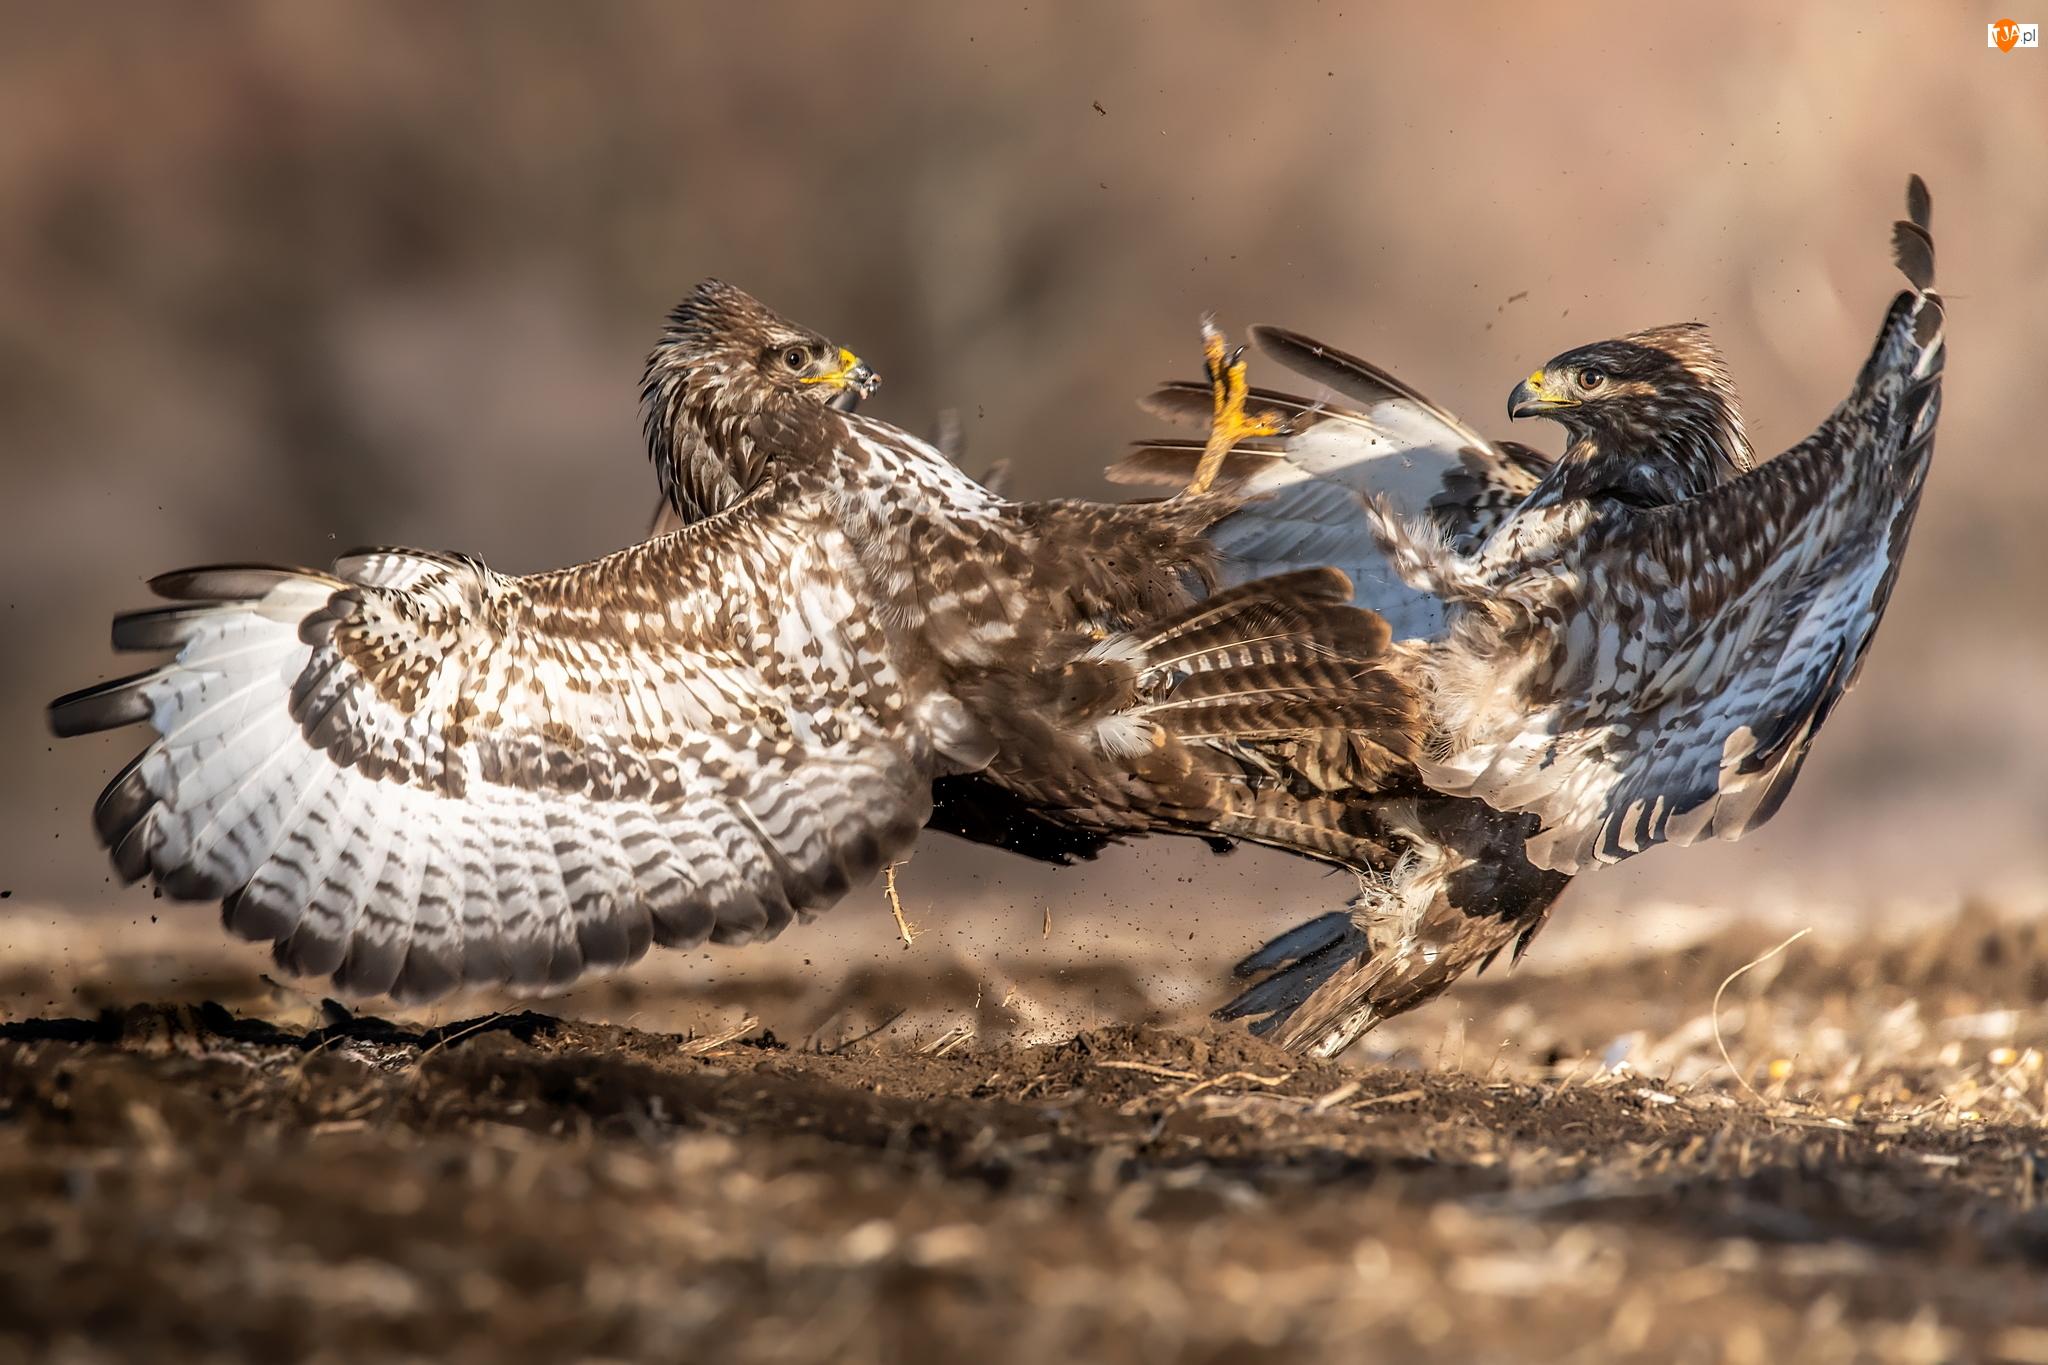 Walka, Dwa, Ptaki, Myszołowy